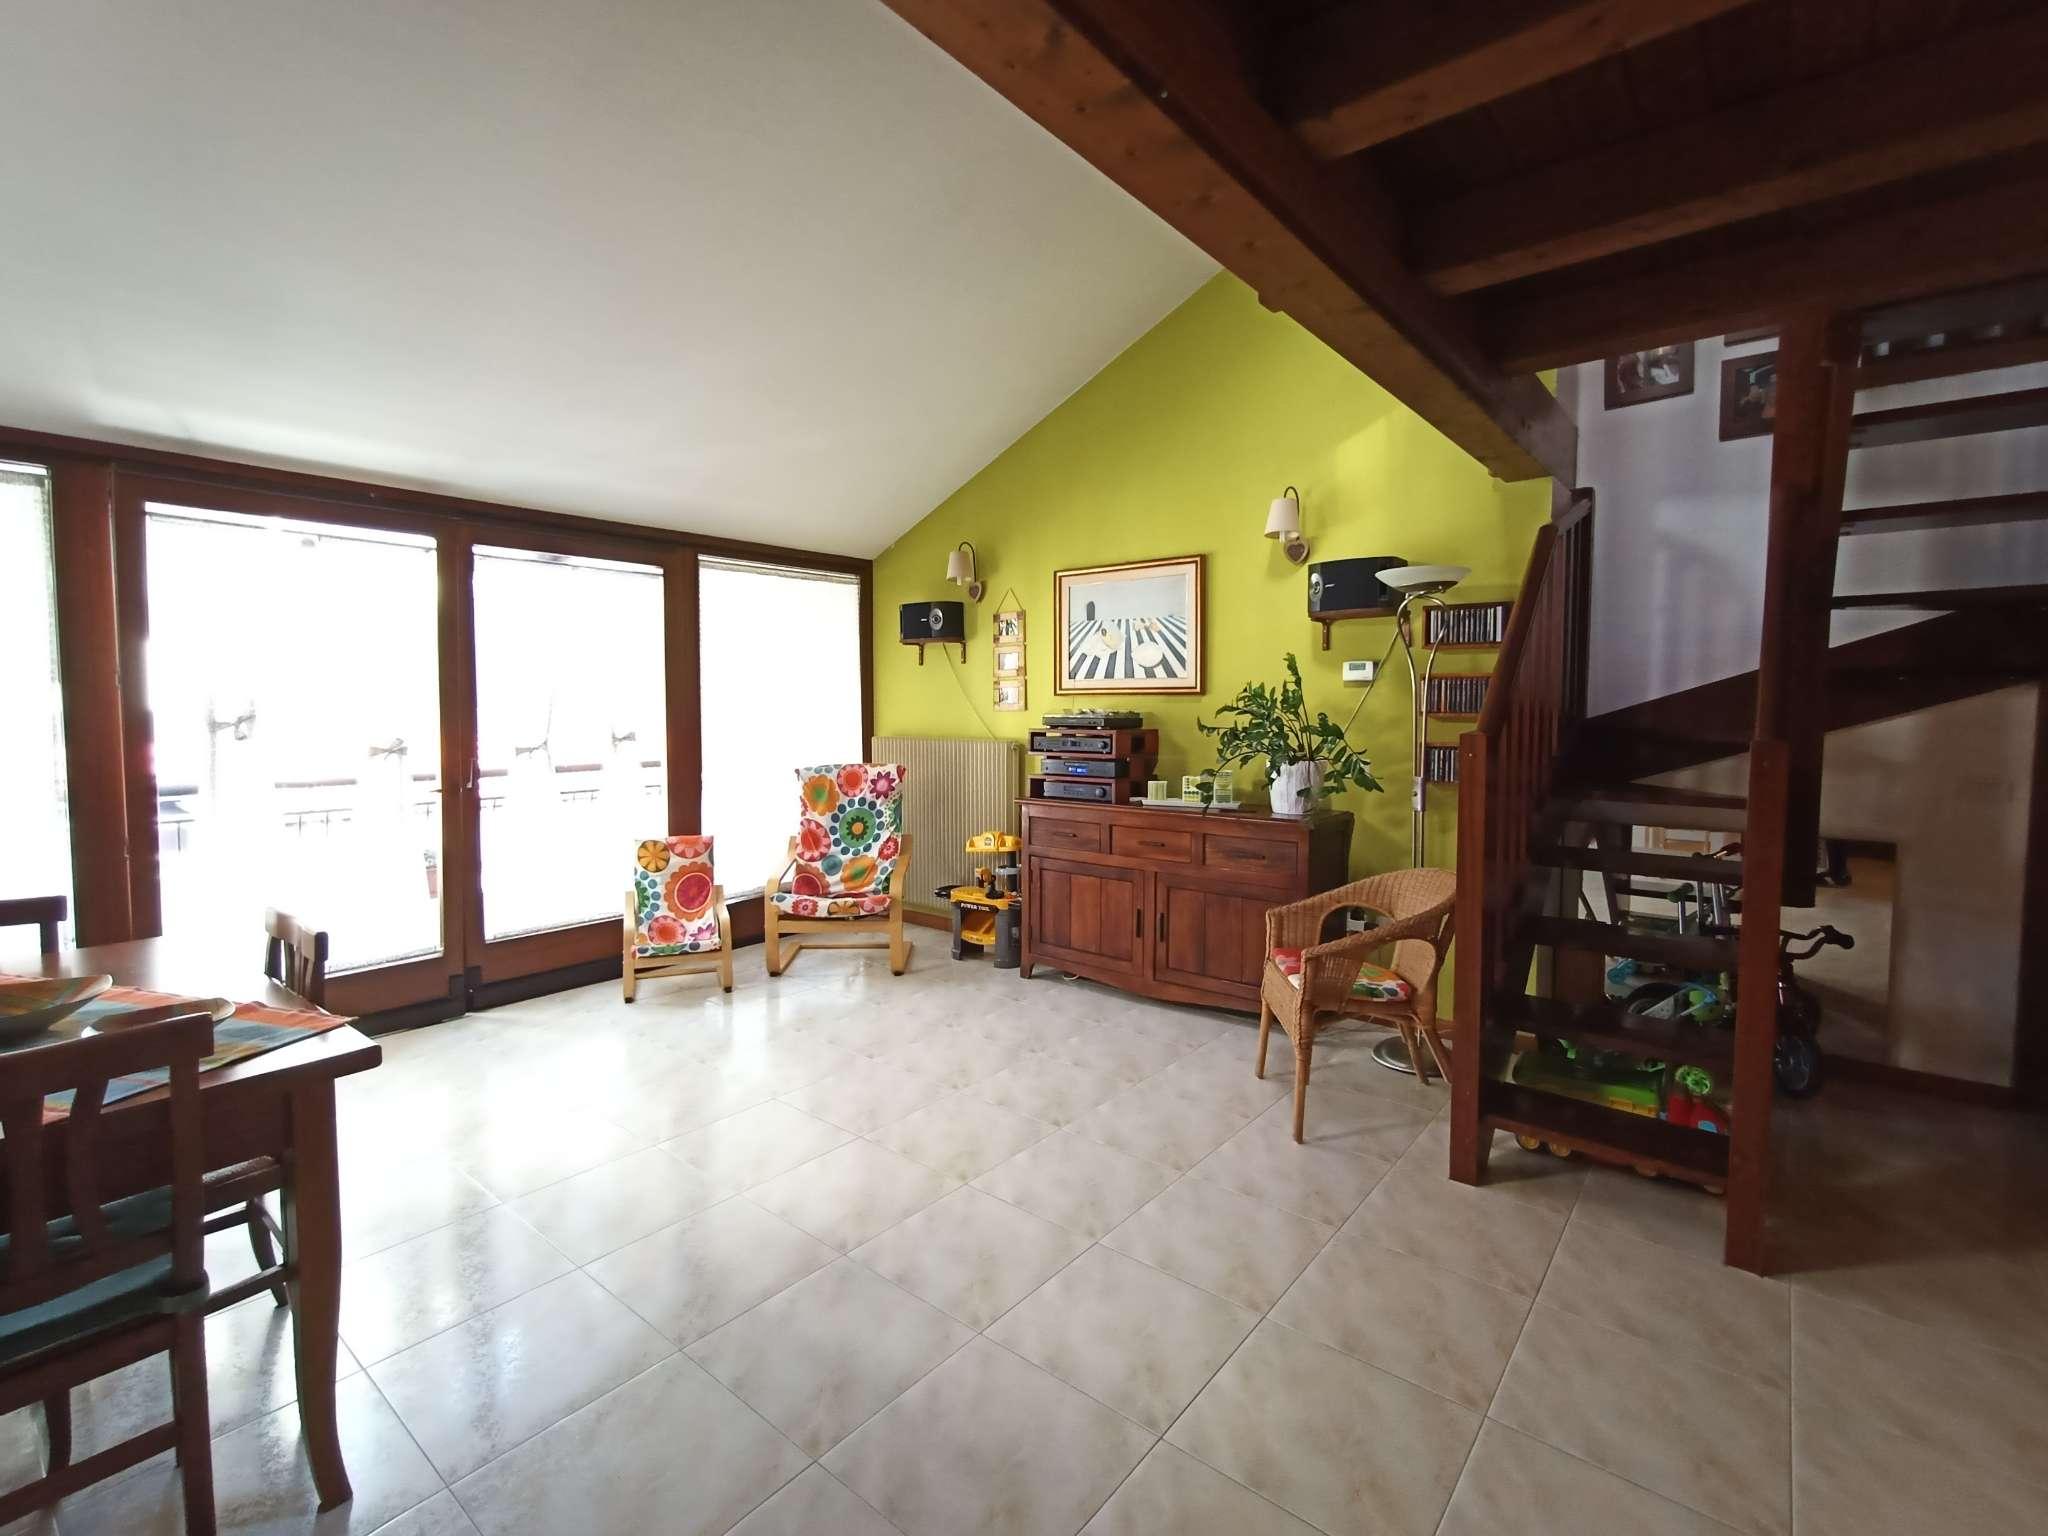 Attico / Mansarda in vendita a Udine, 6 locali, prezzo € 139.000   PortaleAgenzieImmobiliari.it